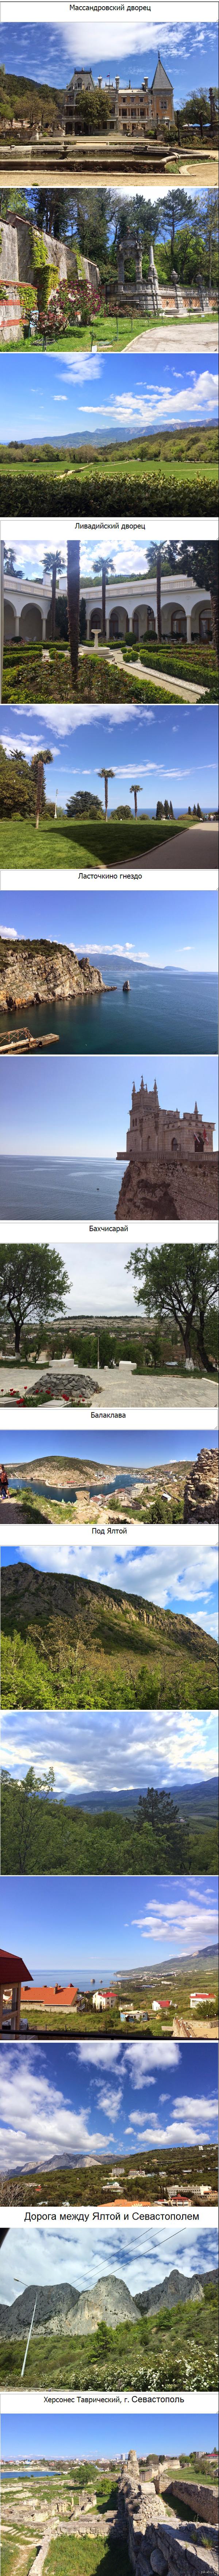 Мини-отпуск в Крыму На майские праздники посетили Крым. Была там впервые.   Природа там волшебная!  Снимала на iphone 5s